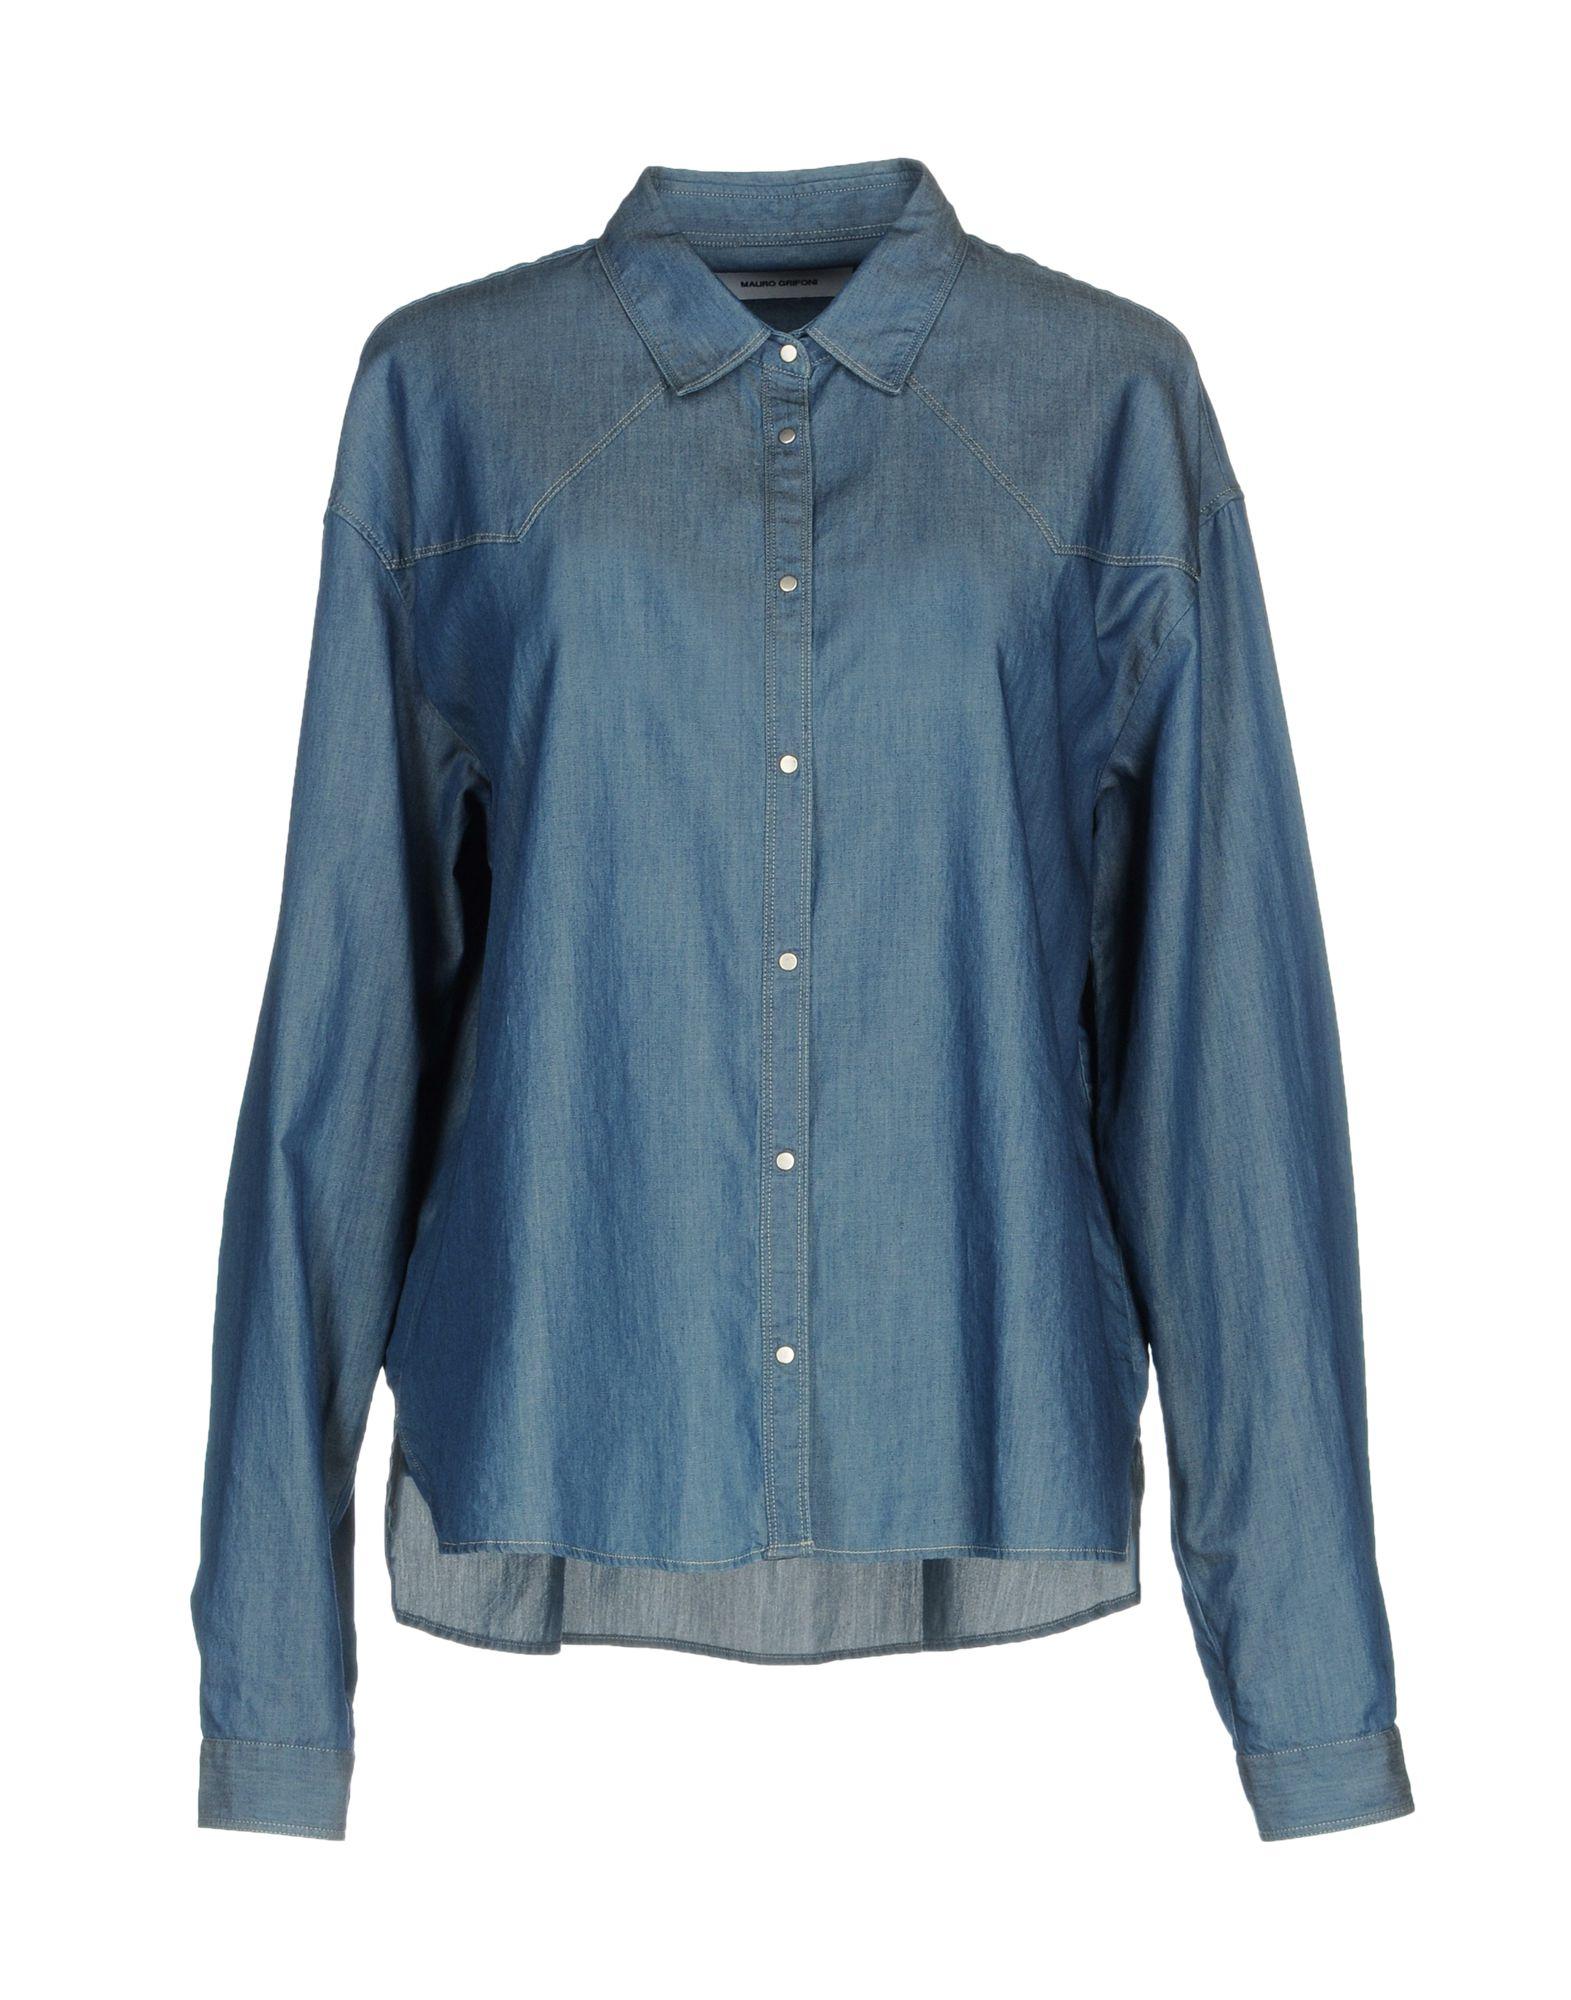 MAURO GRIFONI Джинсовая рубашка цены